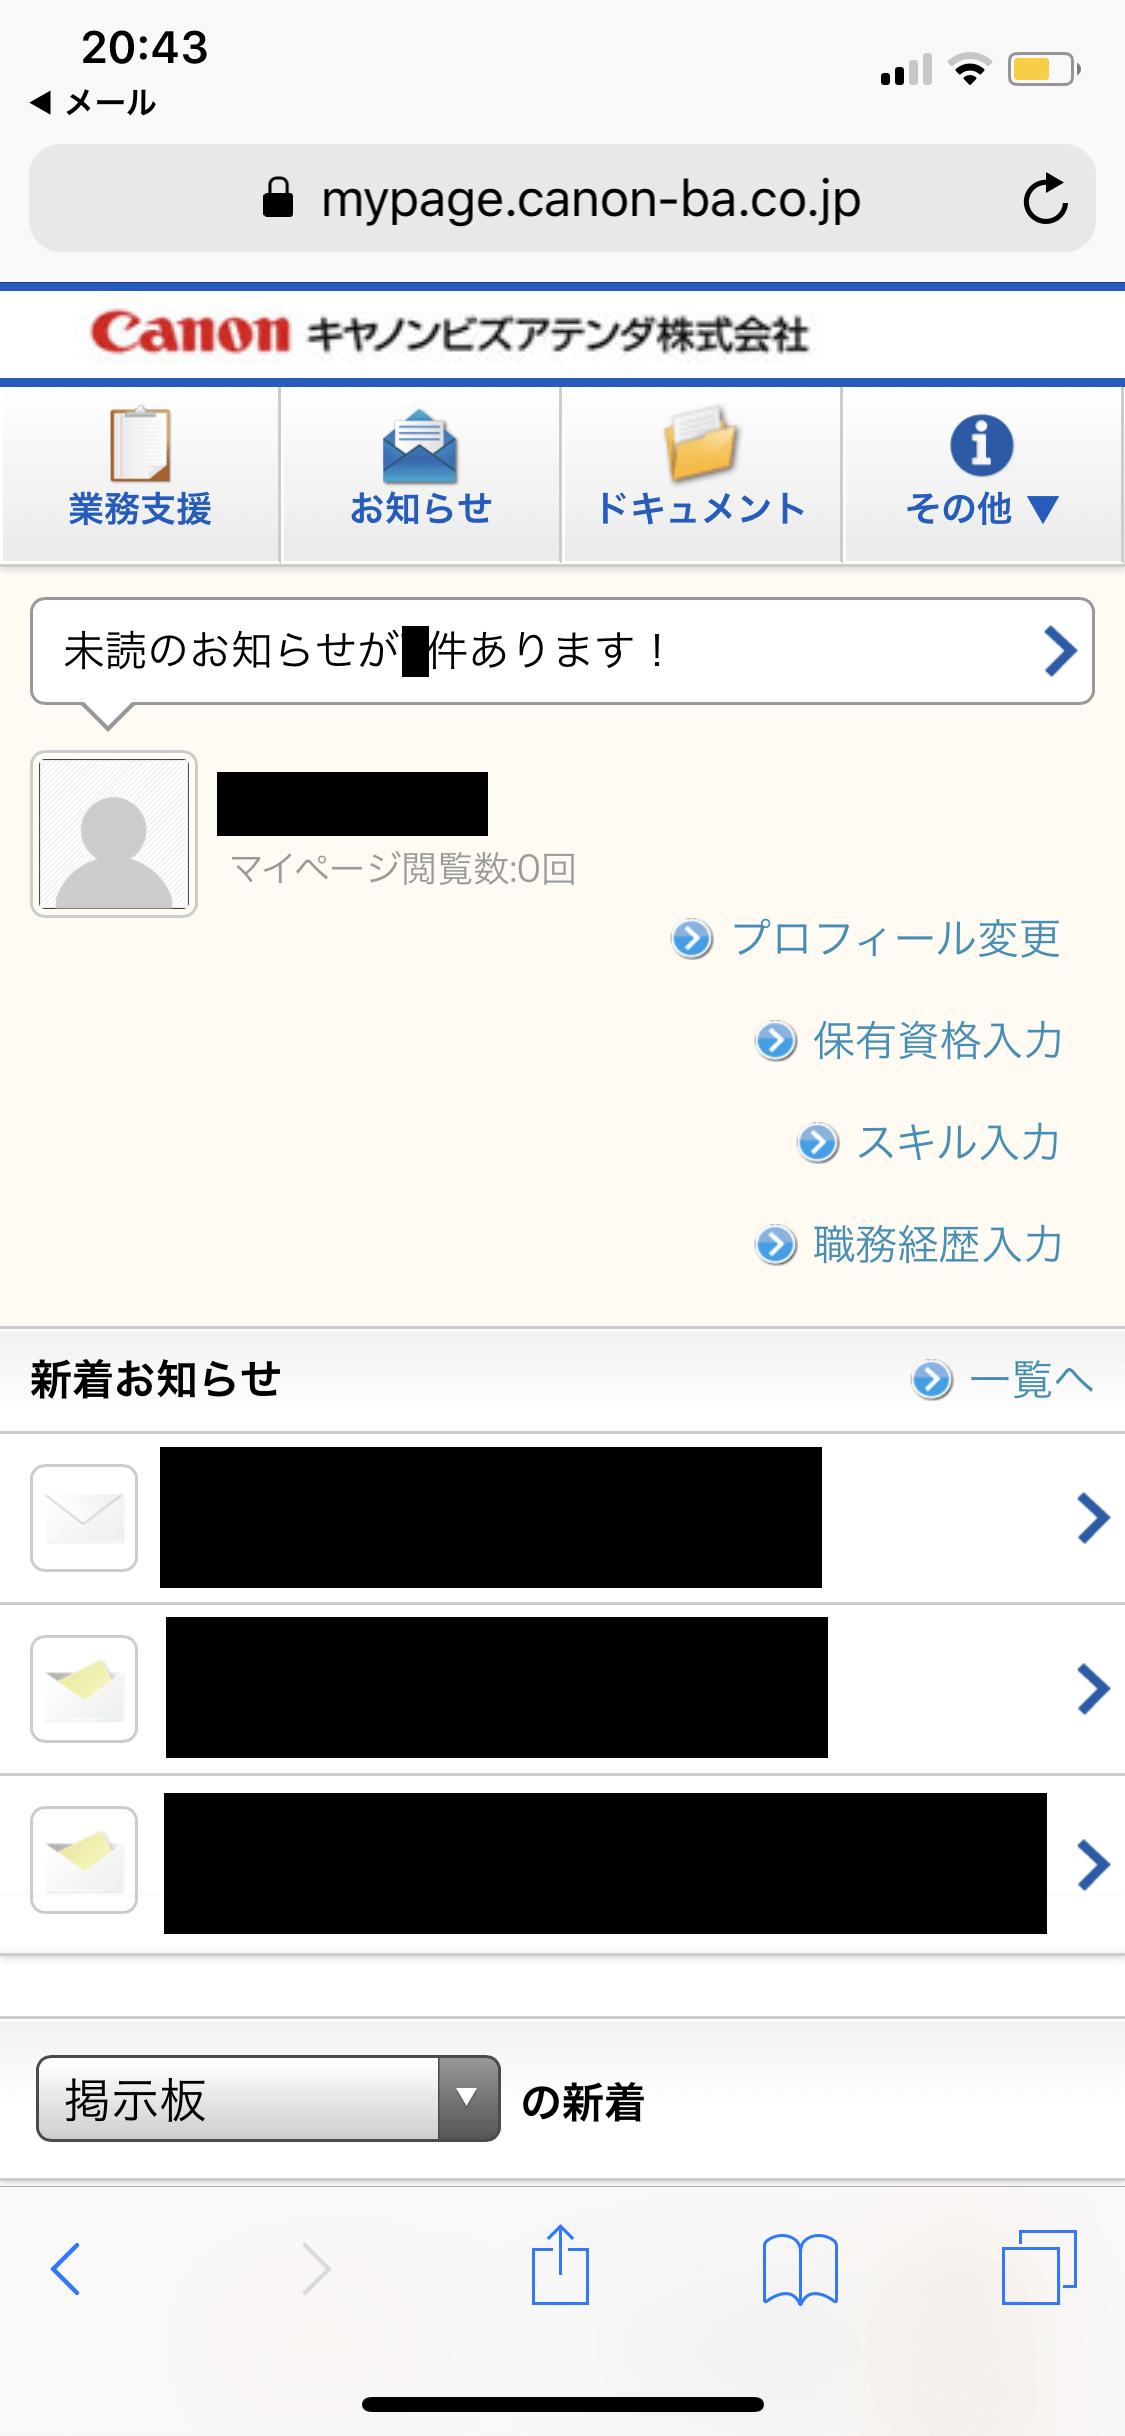 キヤノンビズアテンダ株式会社 本社